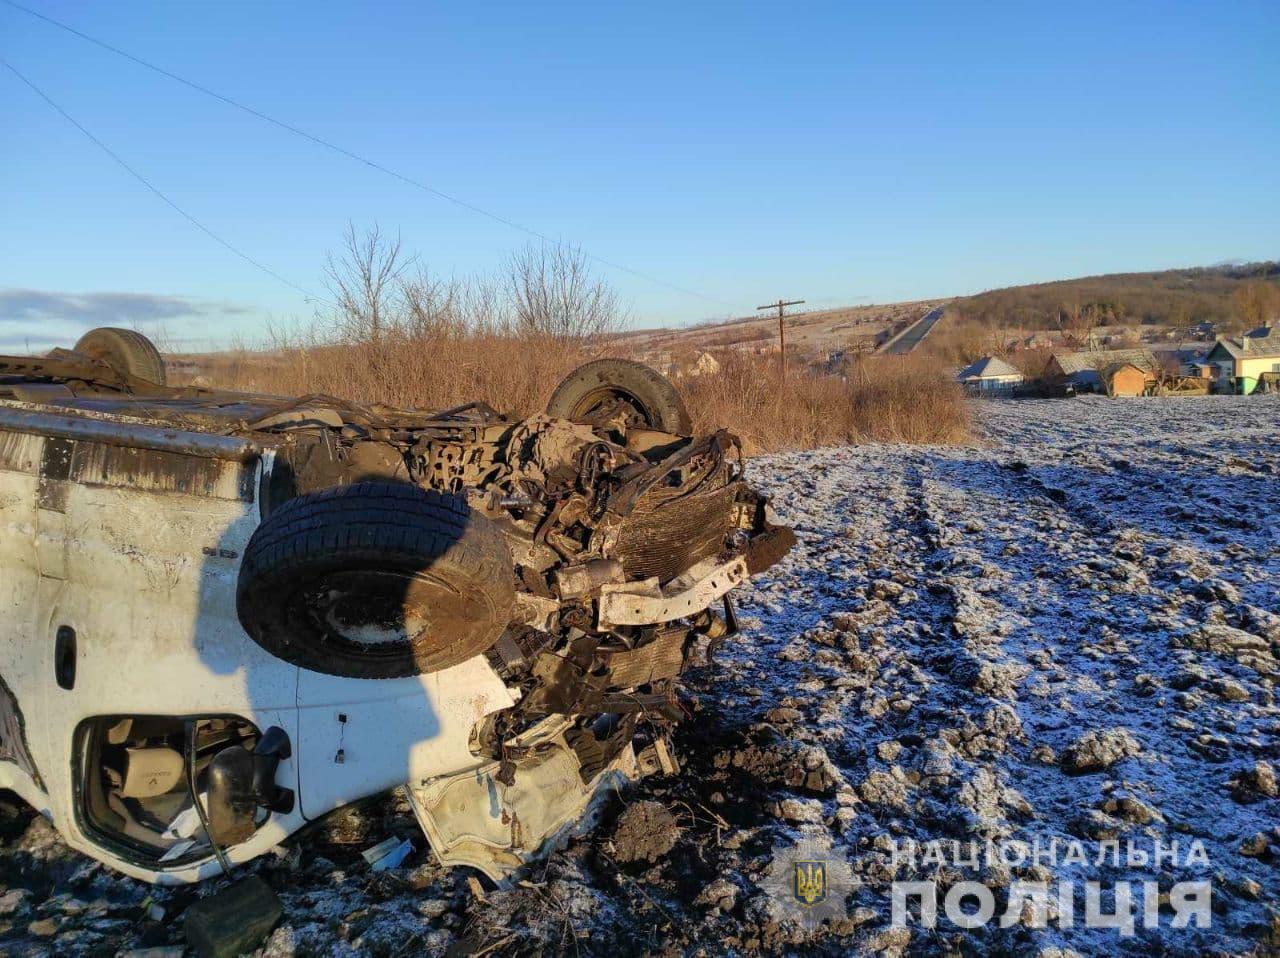 На Харьковщине перевернулся микроавтобус с людьми, есть погибшие и раненые. Фото